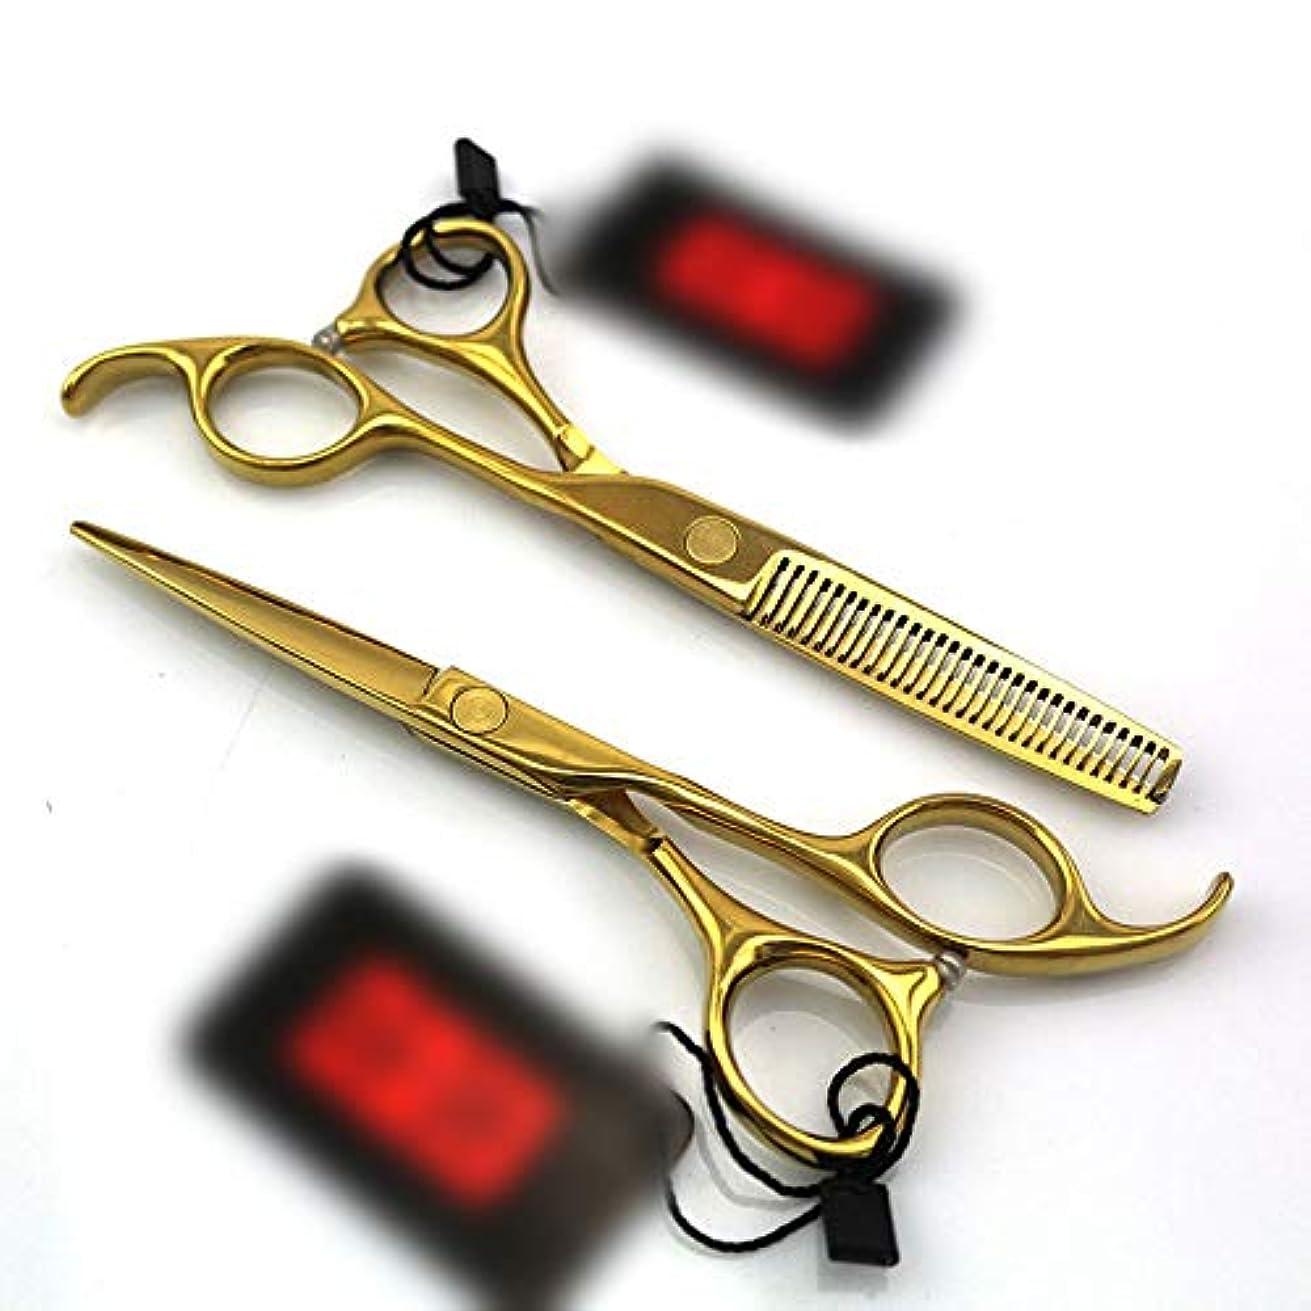 ポケットハウジングシェルターGoodsok-jp 5.5インチのまっすぐなハンドルの理髪店のめっきの金の専門の理髪 (色 : ゴールド)